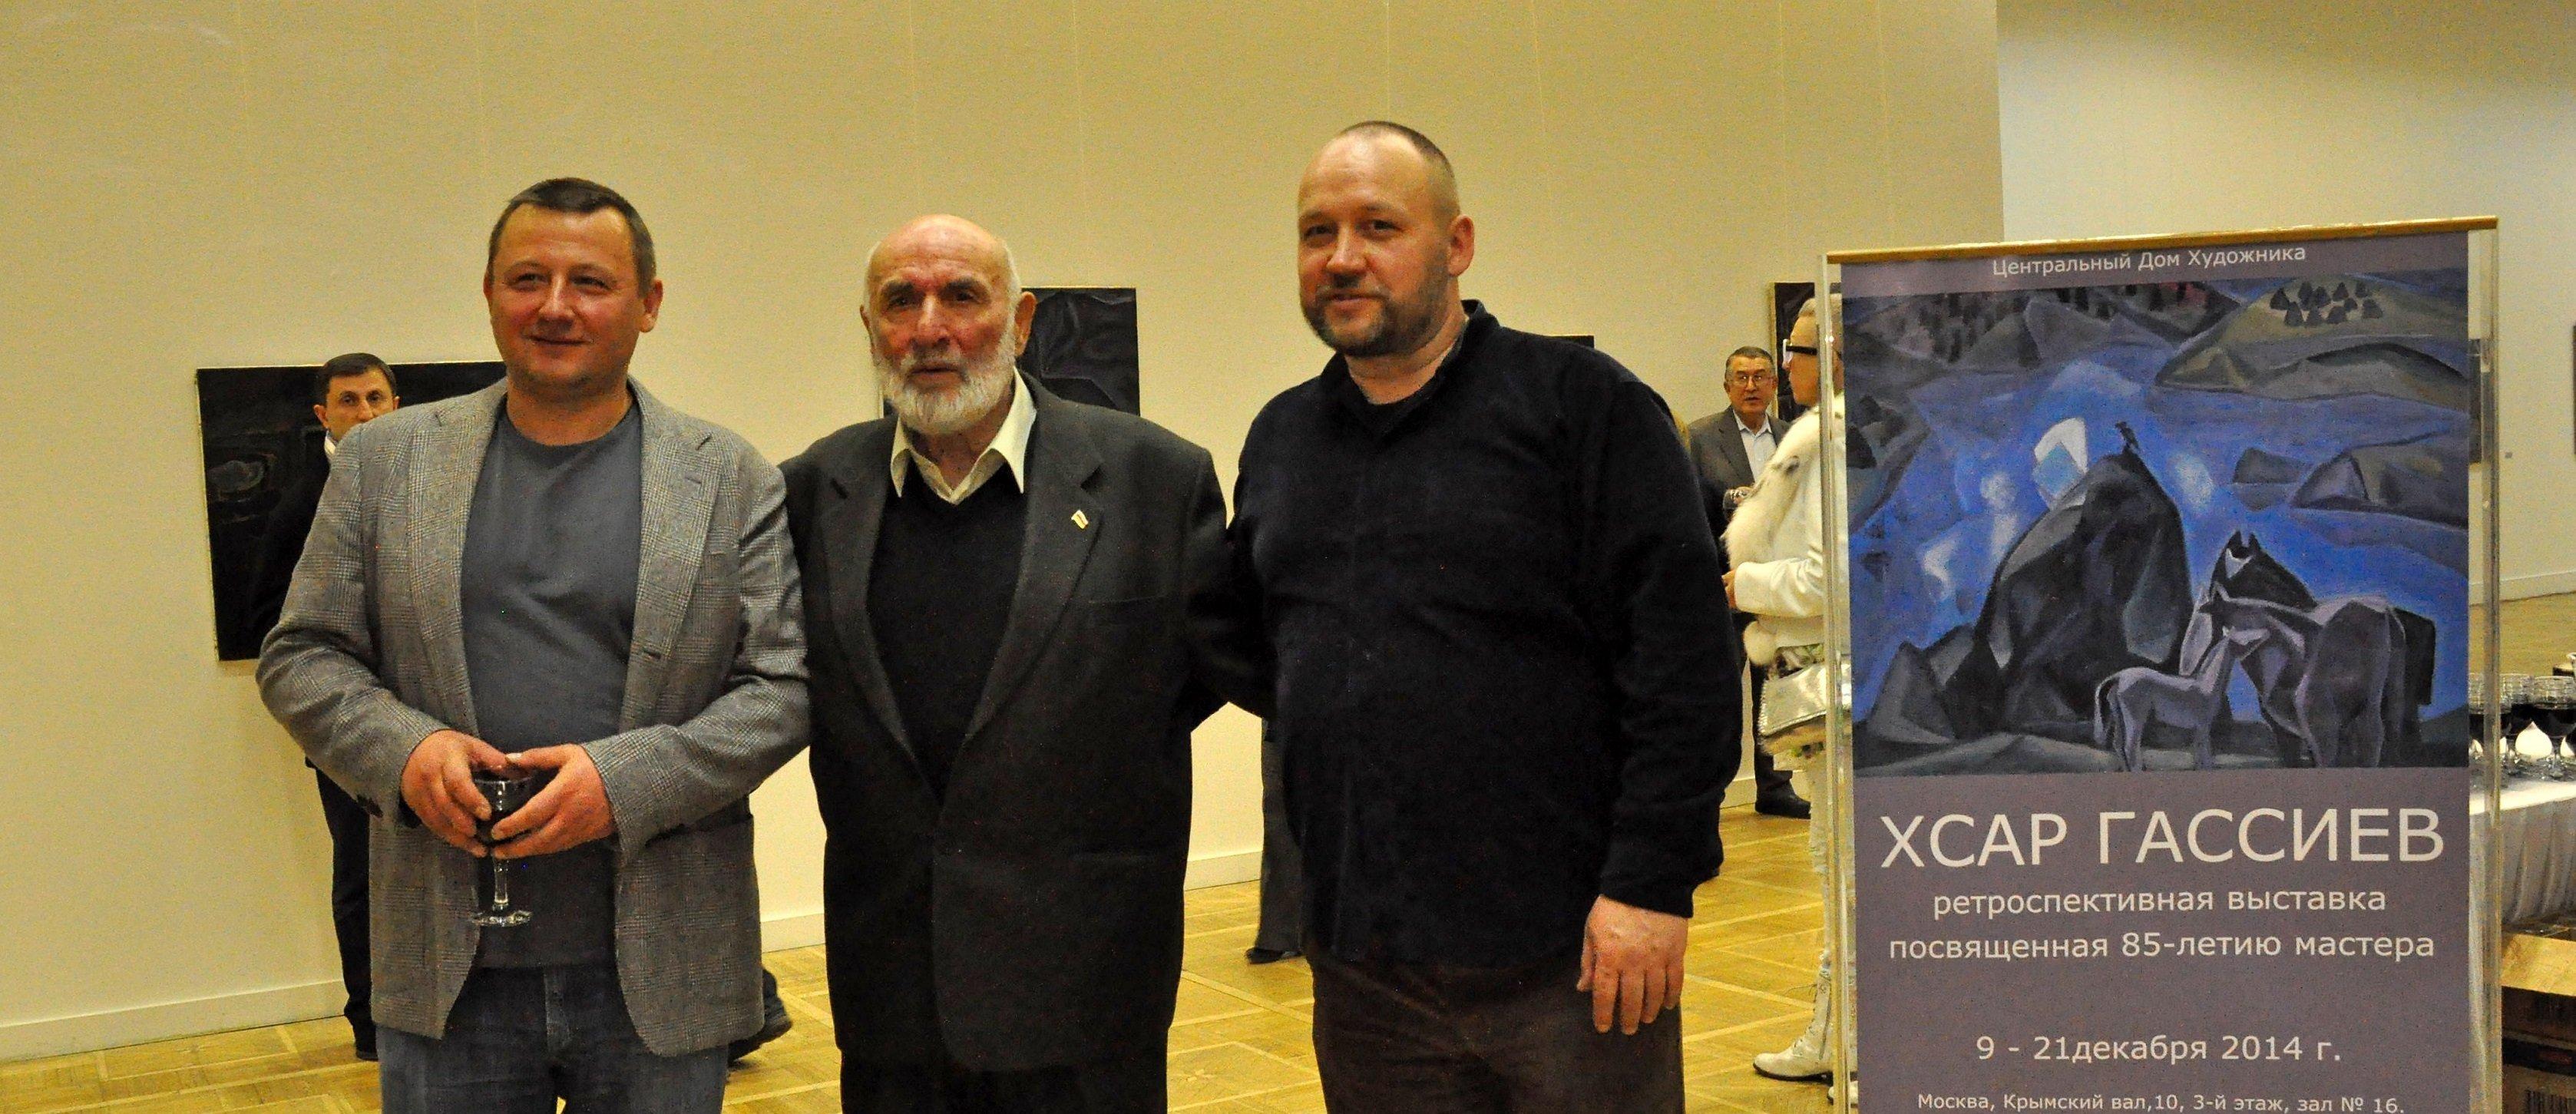 Цопан Гассиев с отцом и братом